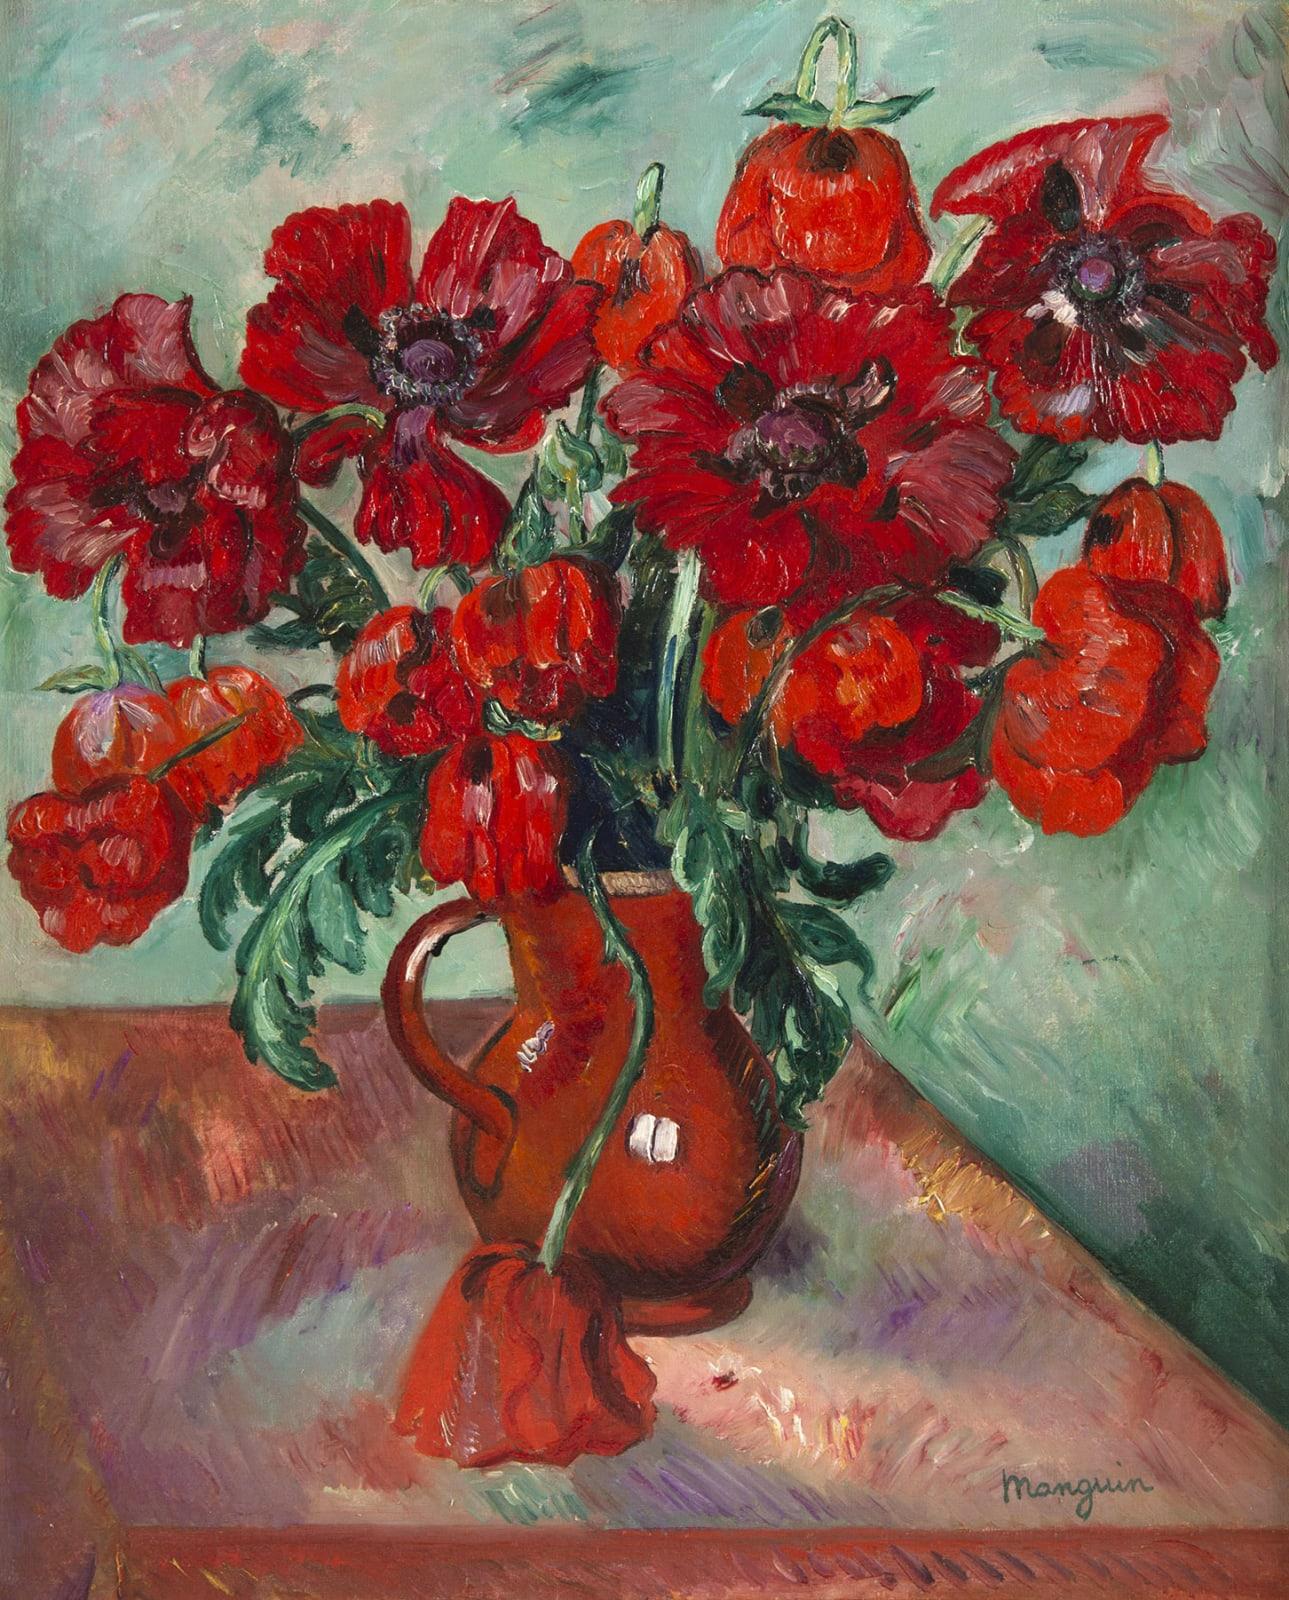 HENRI MANGUIN, Grand vase de pavots, 1915